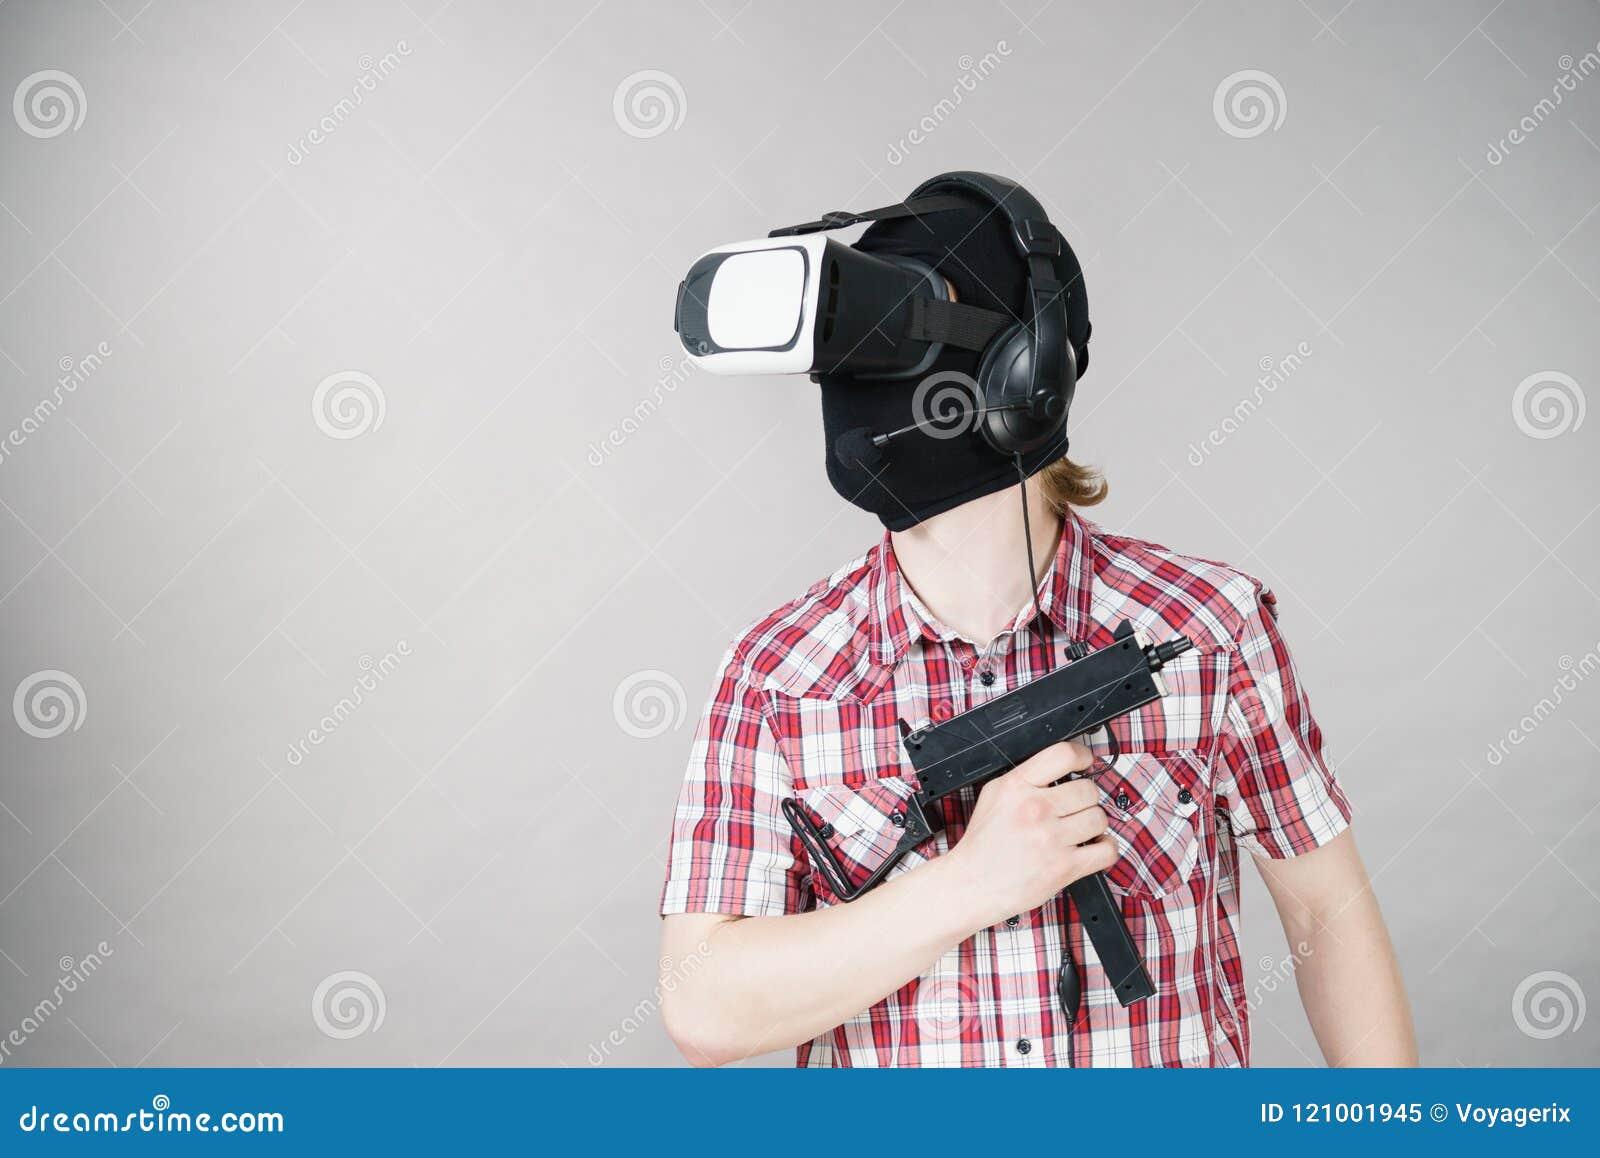 Gamer Man Wearing VR Holding Gun Stock Image - Image of futuristic